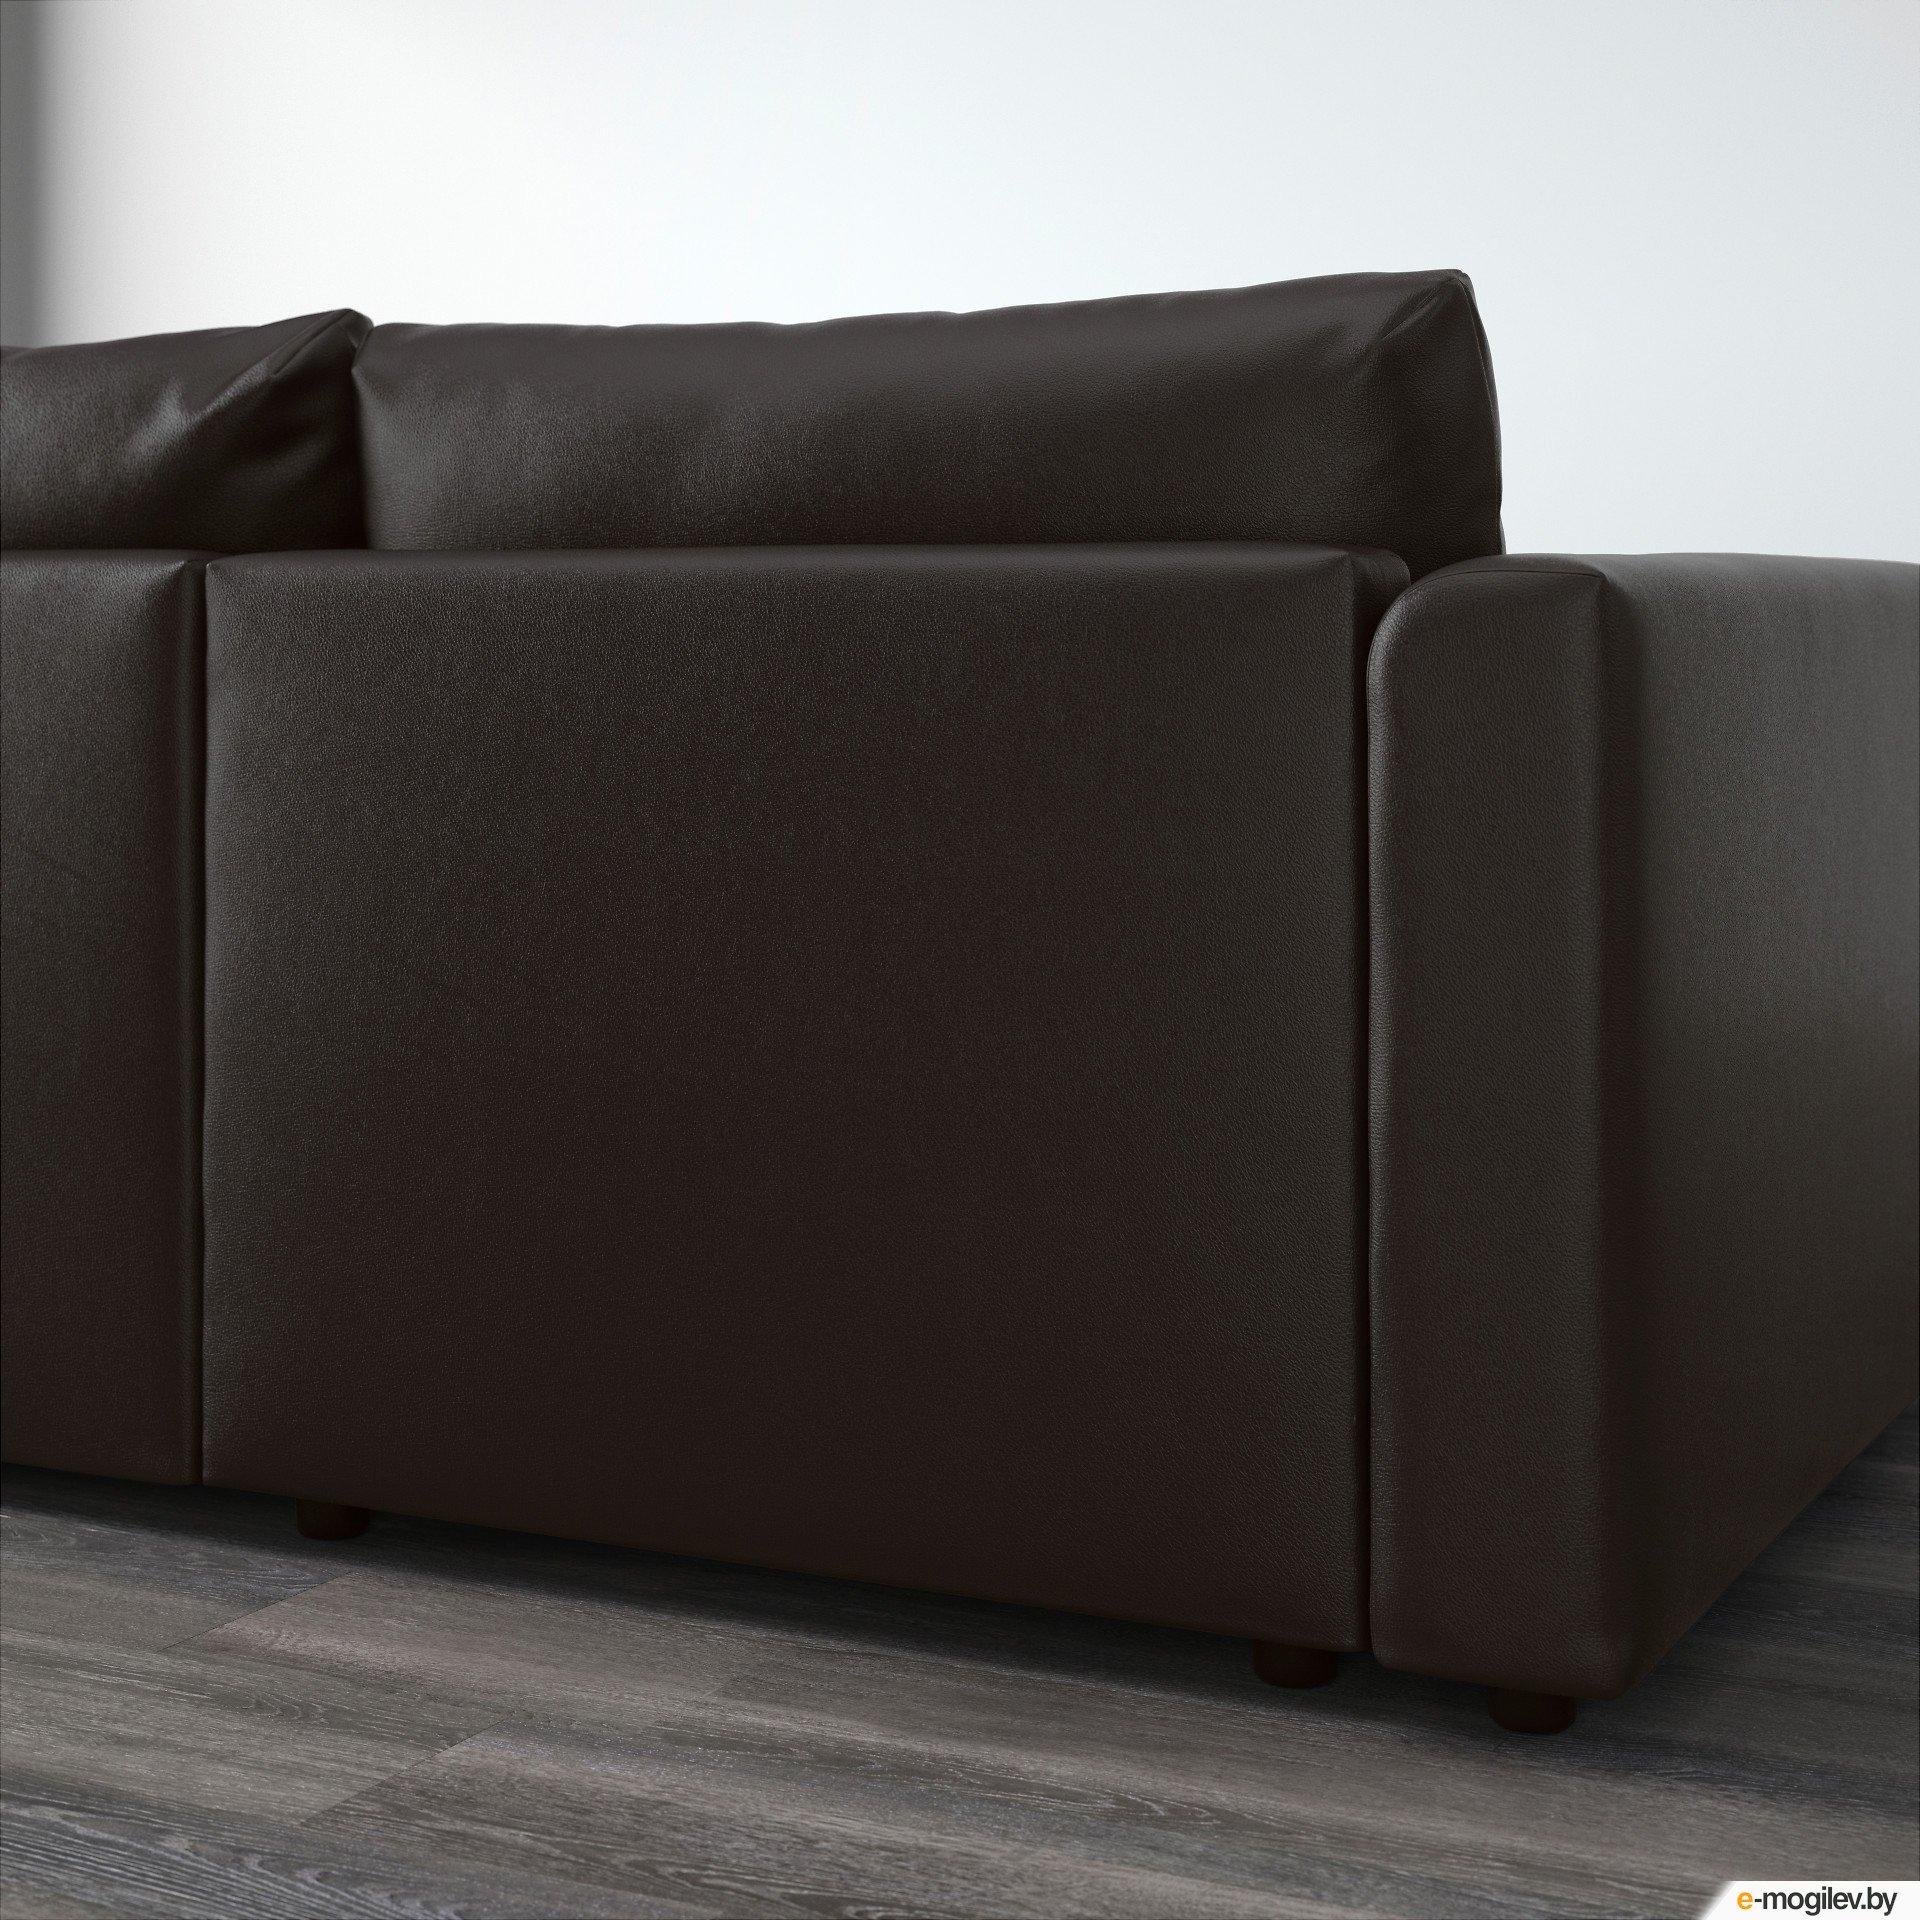 f195057b84d1 Купить диван ВИМЛЕ, 5-местный угловой диван, с козеткой, Фарста ...